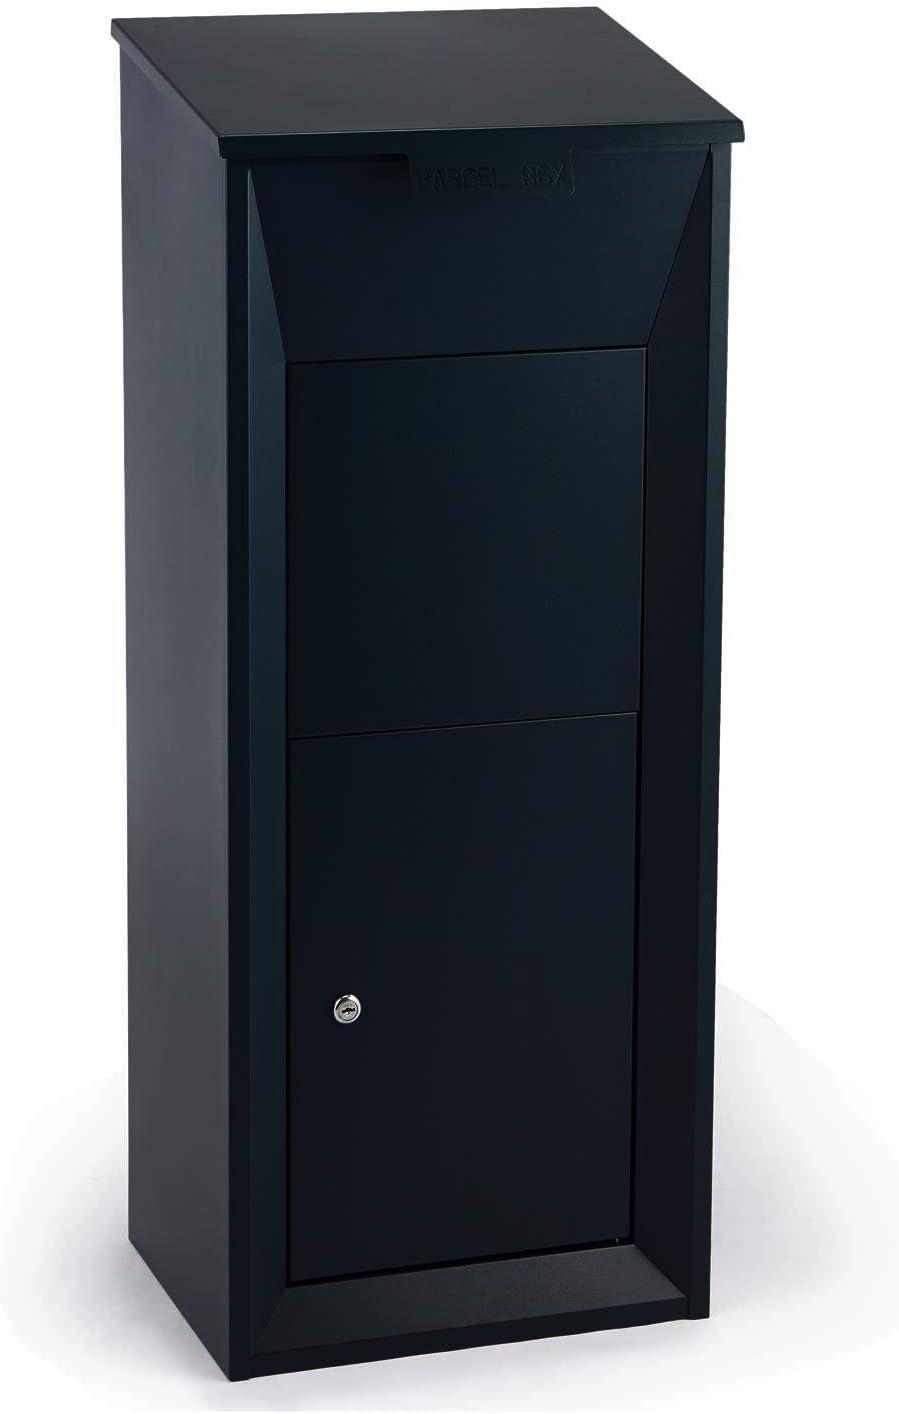 Waldbeck Postbutler Buzón de paquetería (Puerta con Cerrojo, fijación al Suelo,Exterior, para Paquetes, Cartas y Correo) - Gris Oscuro